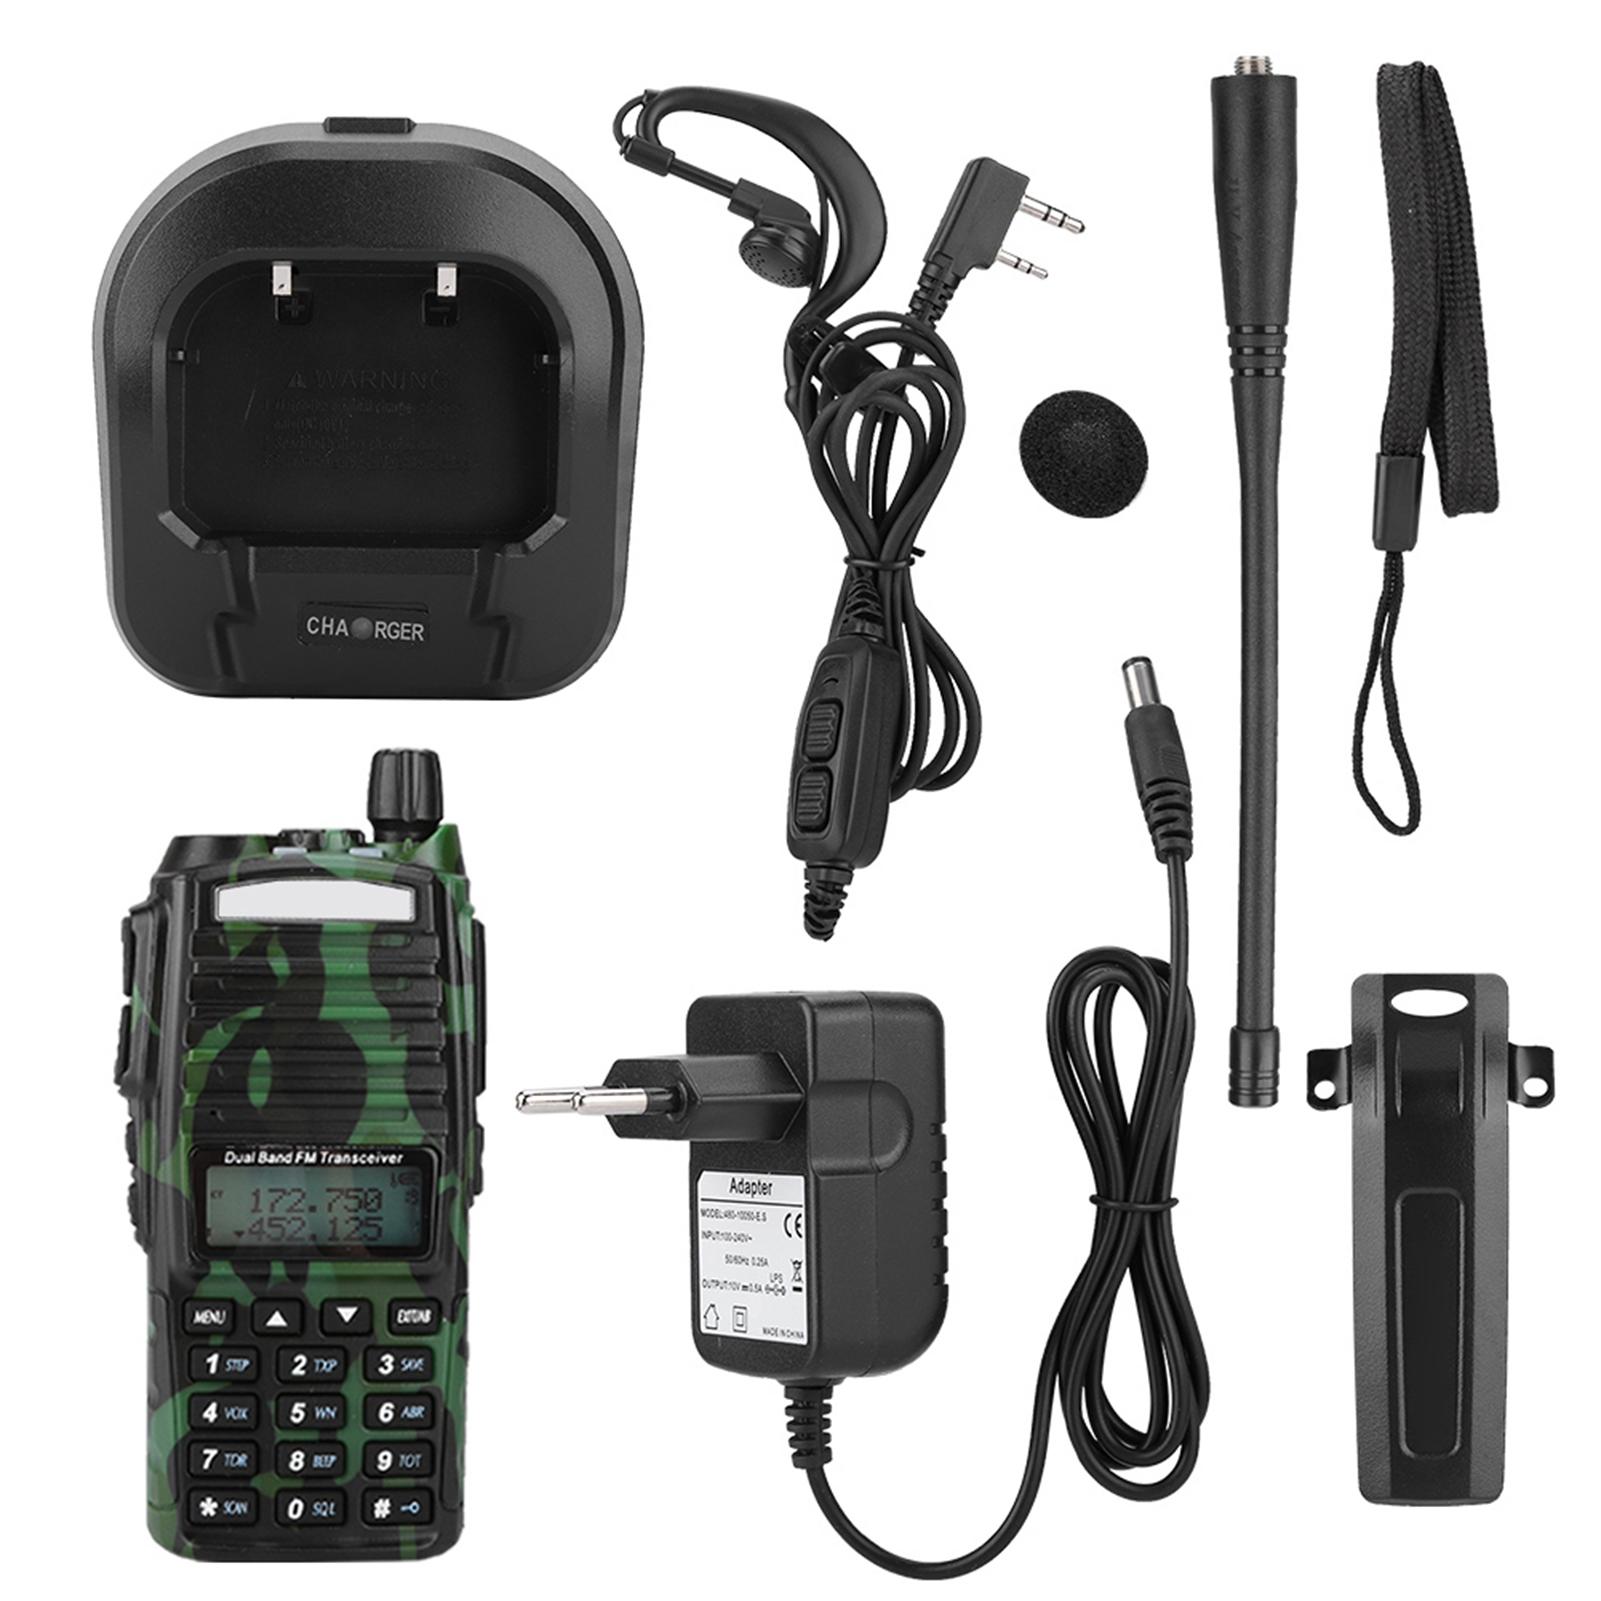 UHF-VHF-Dual-Band-Walkie-Talkie-Intercom-Radio-for-Baofeng-UV-82-UV9R-UV9R-Plus thumbnail 18